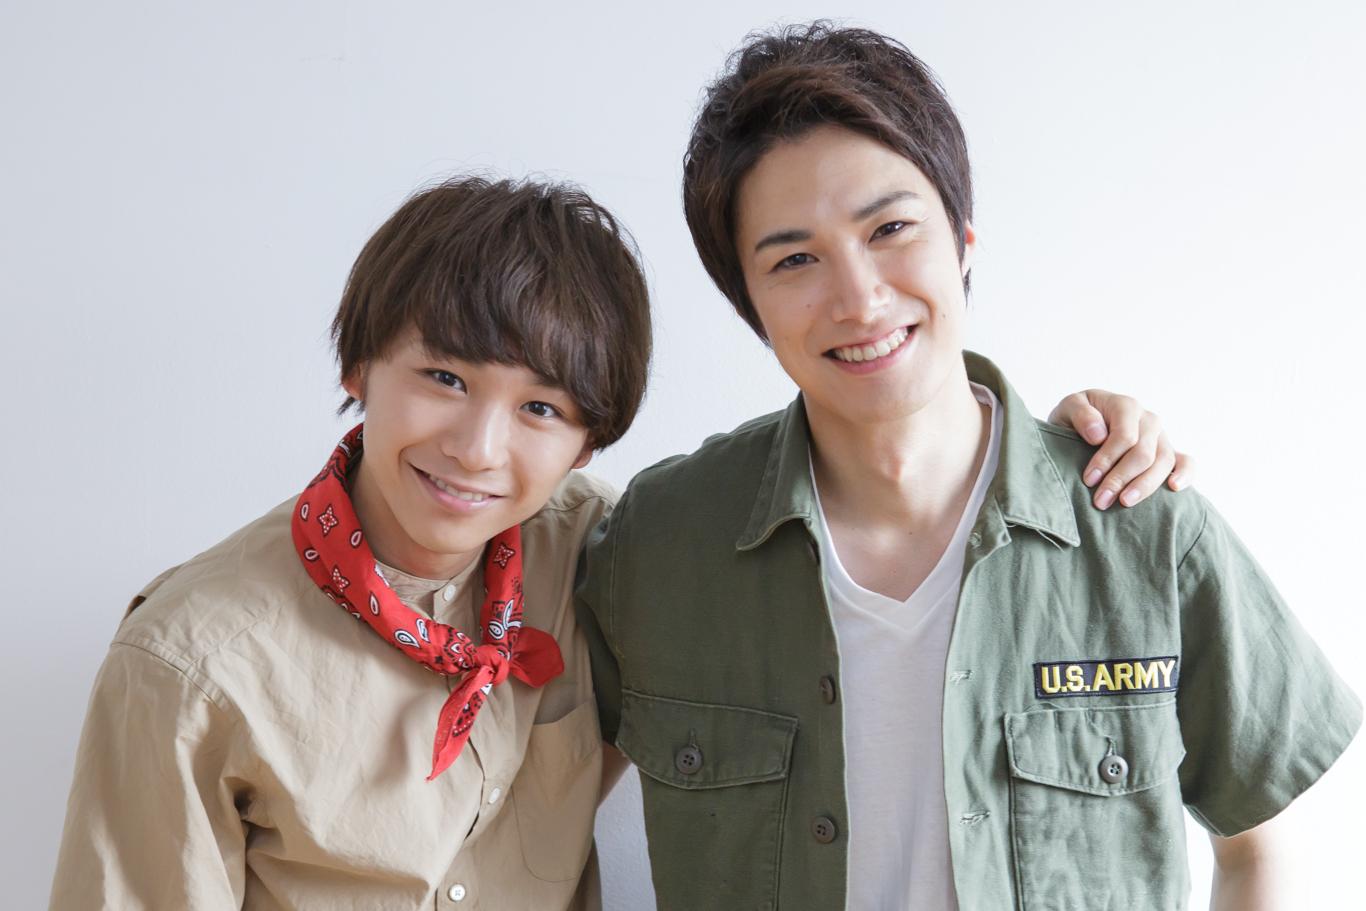 須賀健太×影山達也、演劇「ハイキュー!!」で作り上げる、新たなコンビネーション